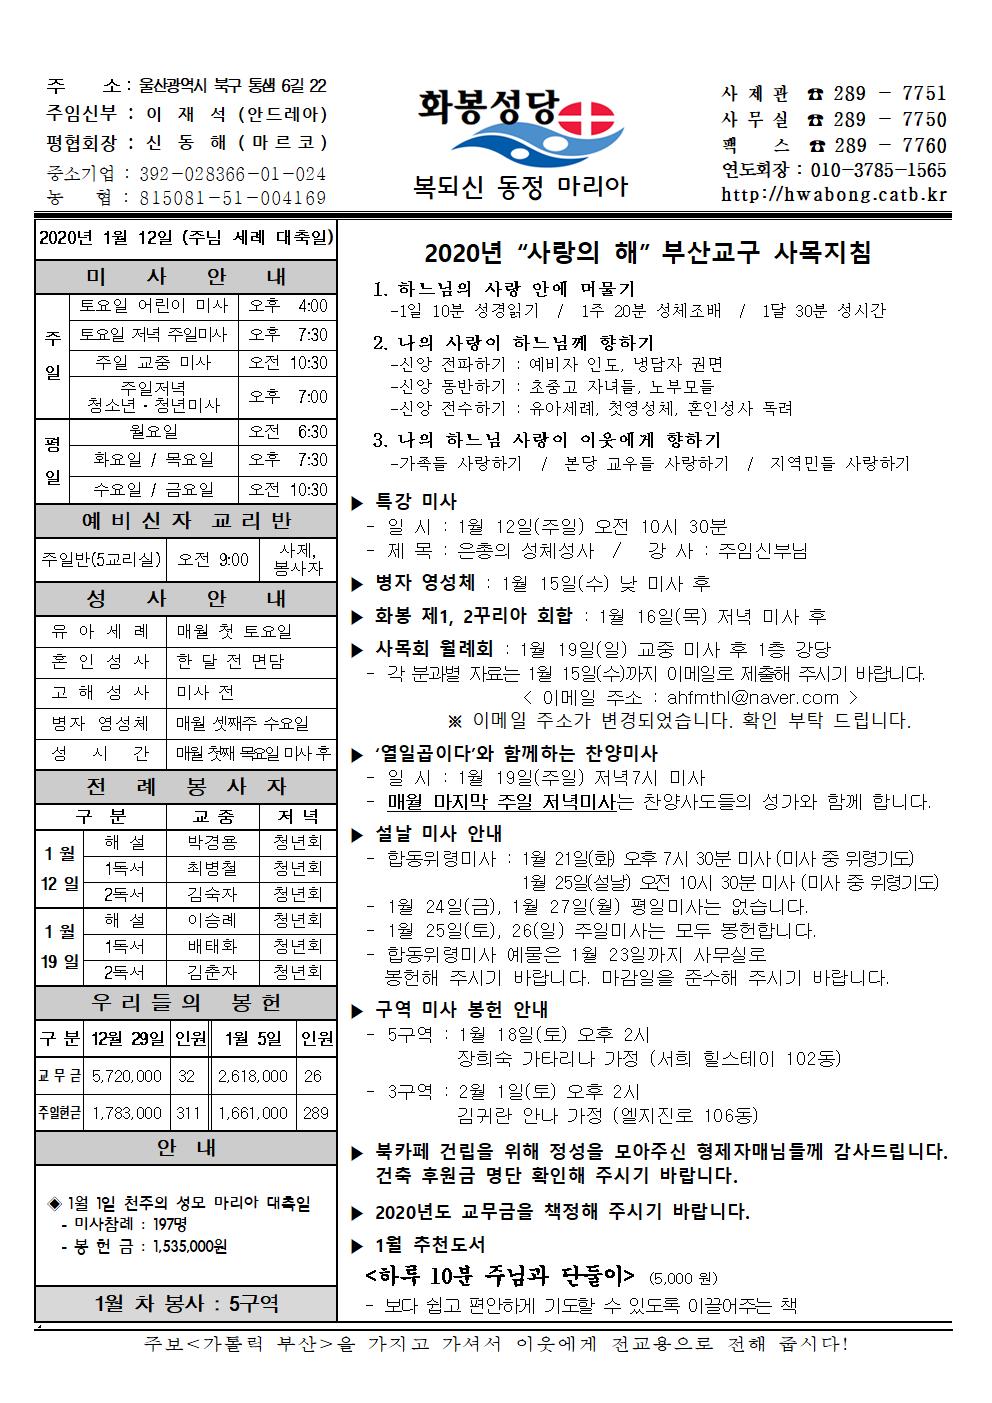 화봉성당 20200112 주보.png